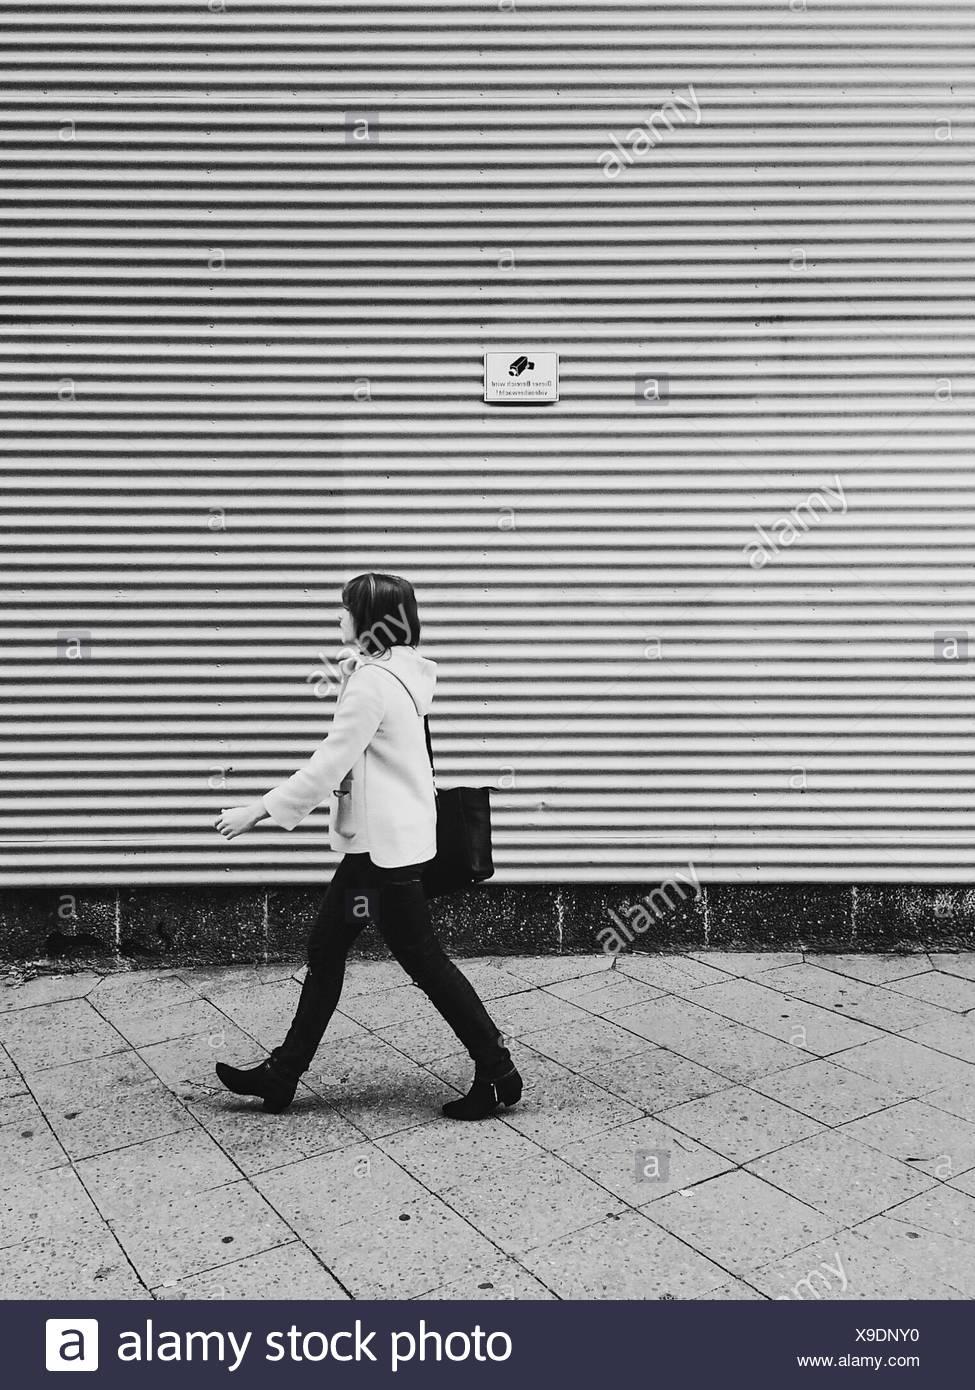 Vista laterale della Donna che cammina sul marciapiede contro l'otturatore Foto Stock